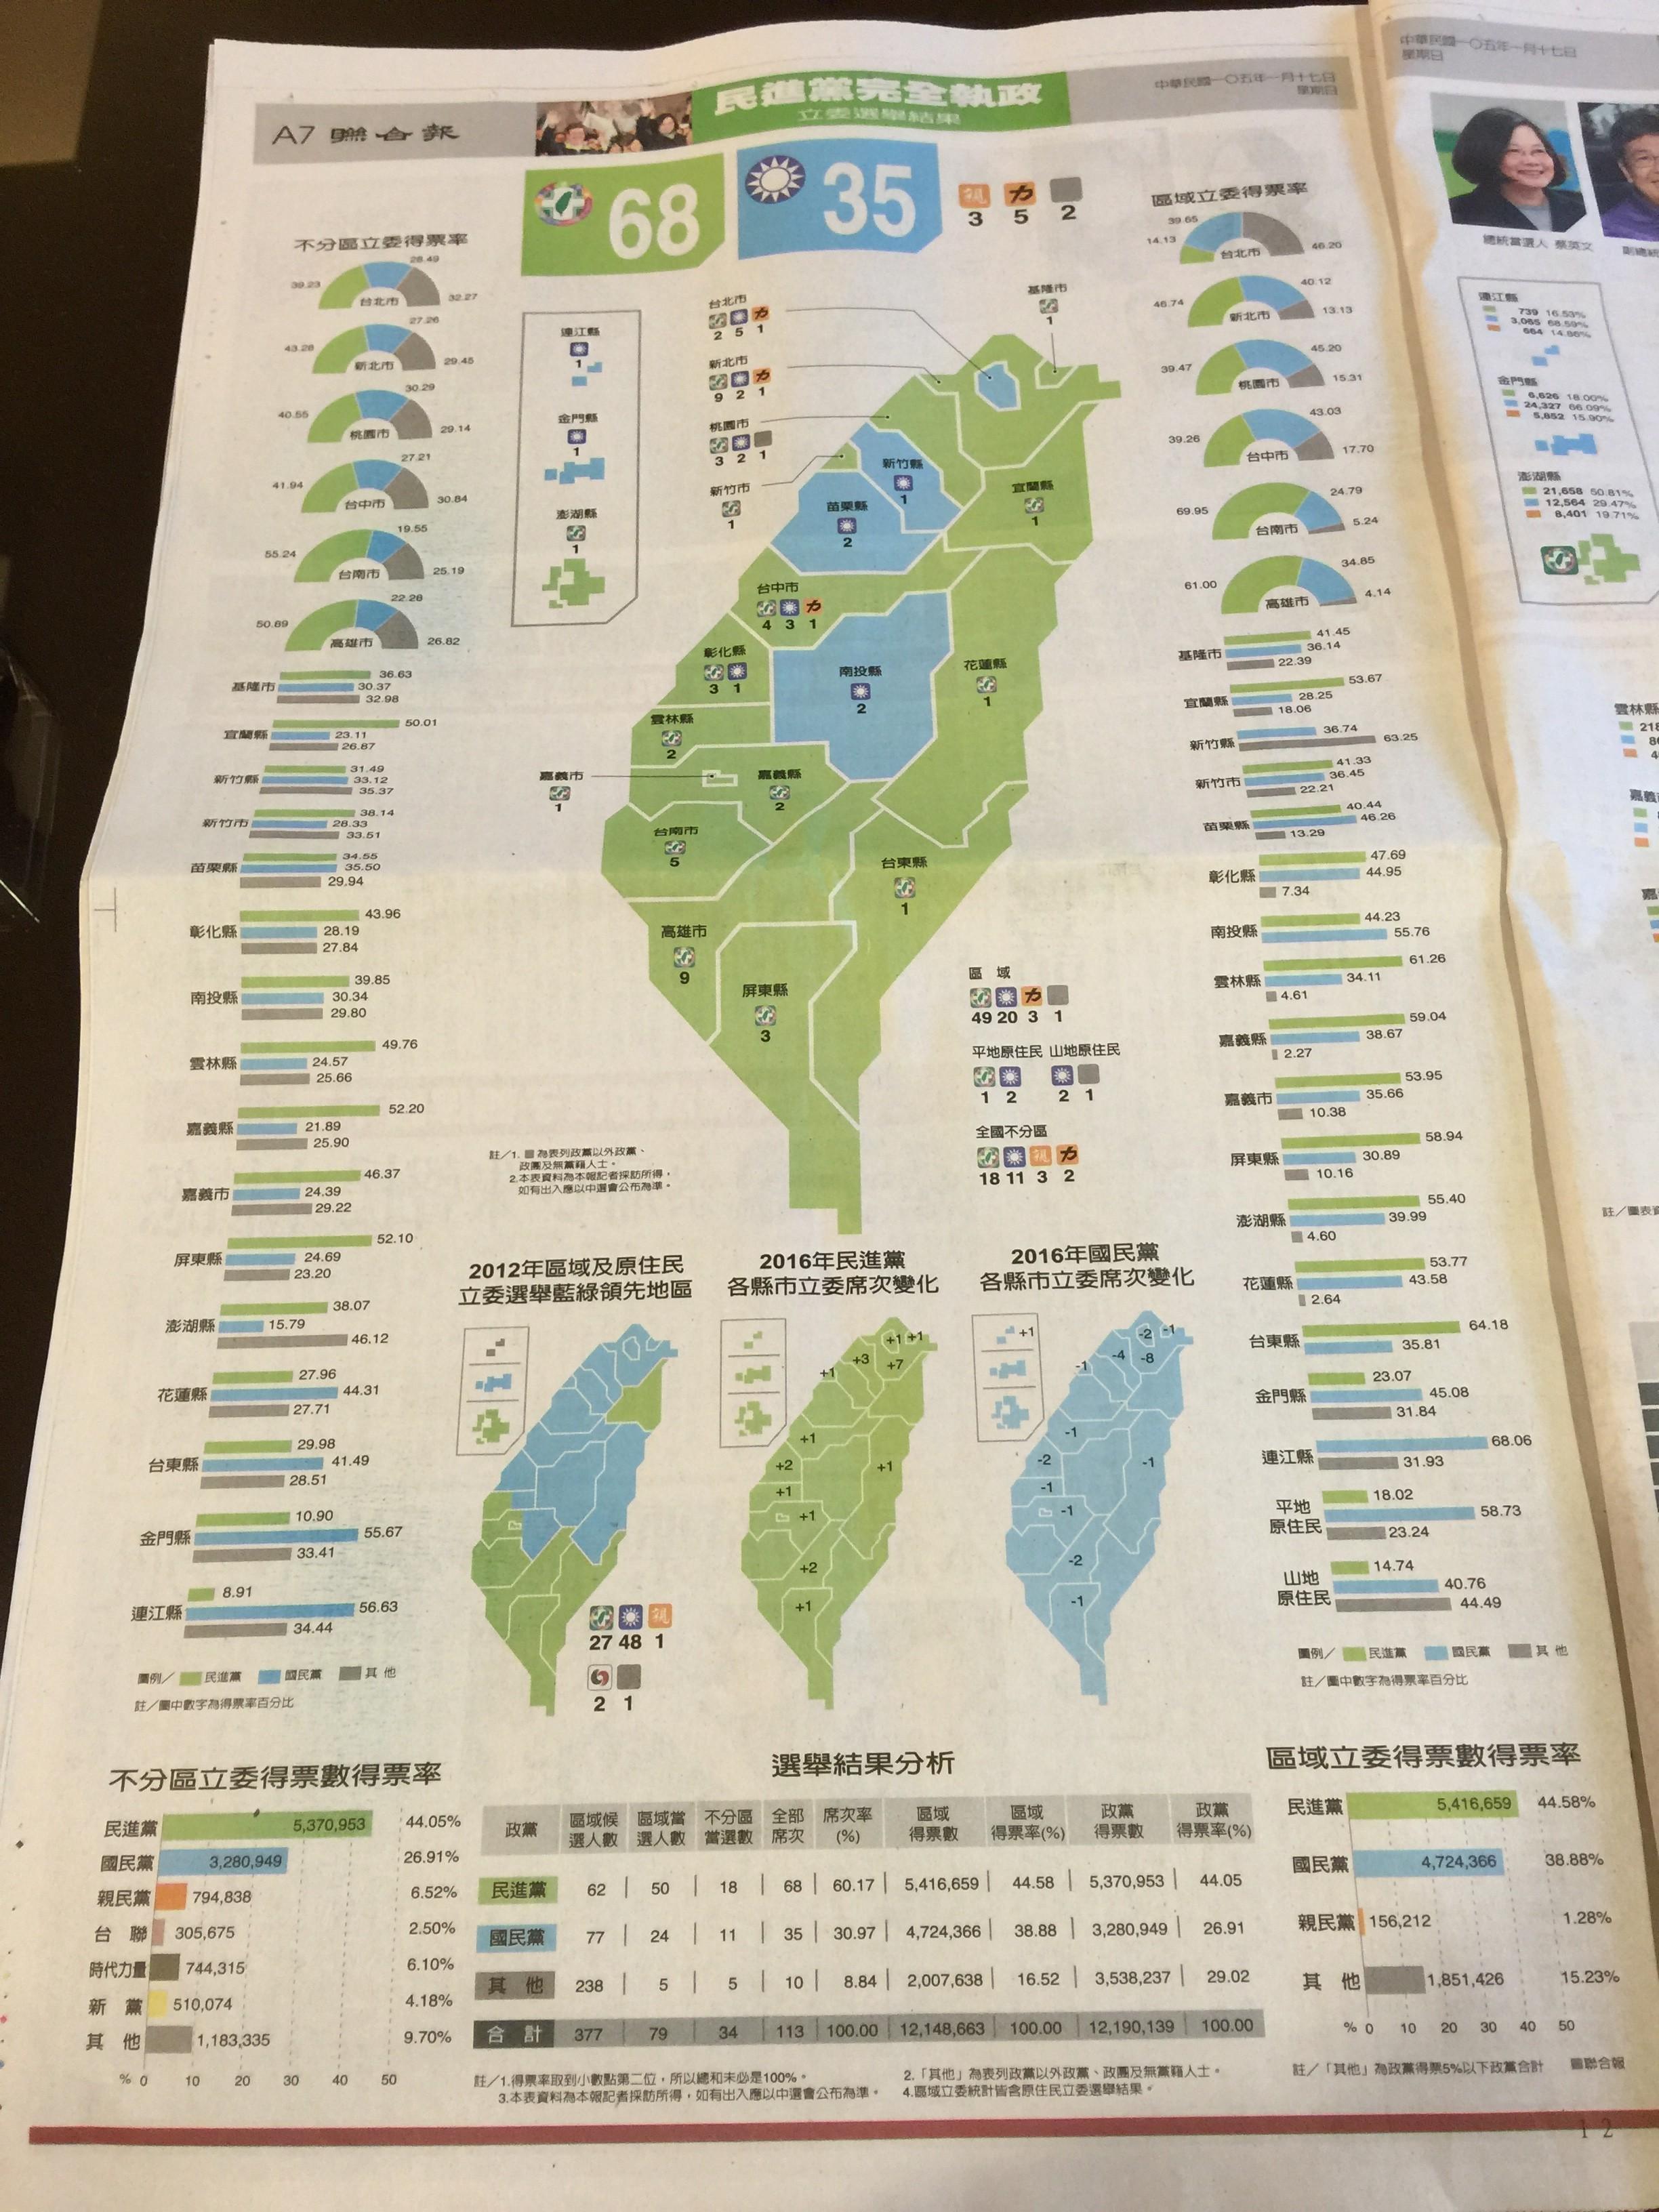 見證台灣民主的政黨輪替